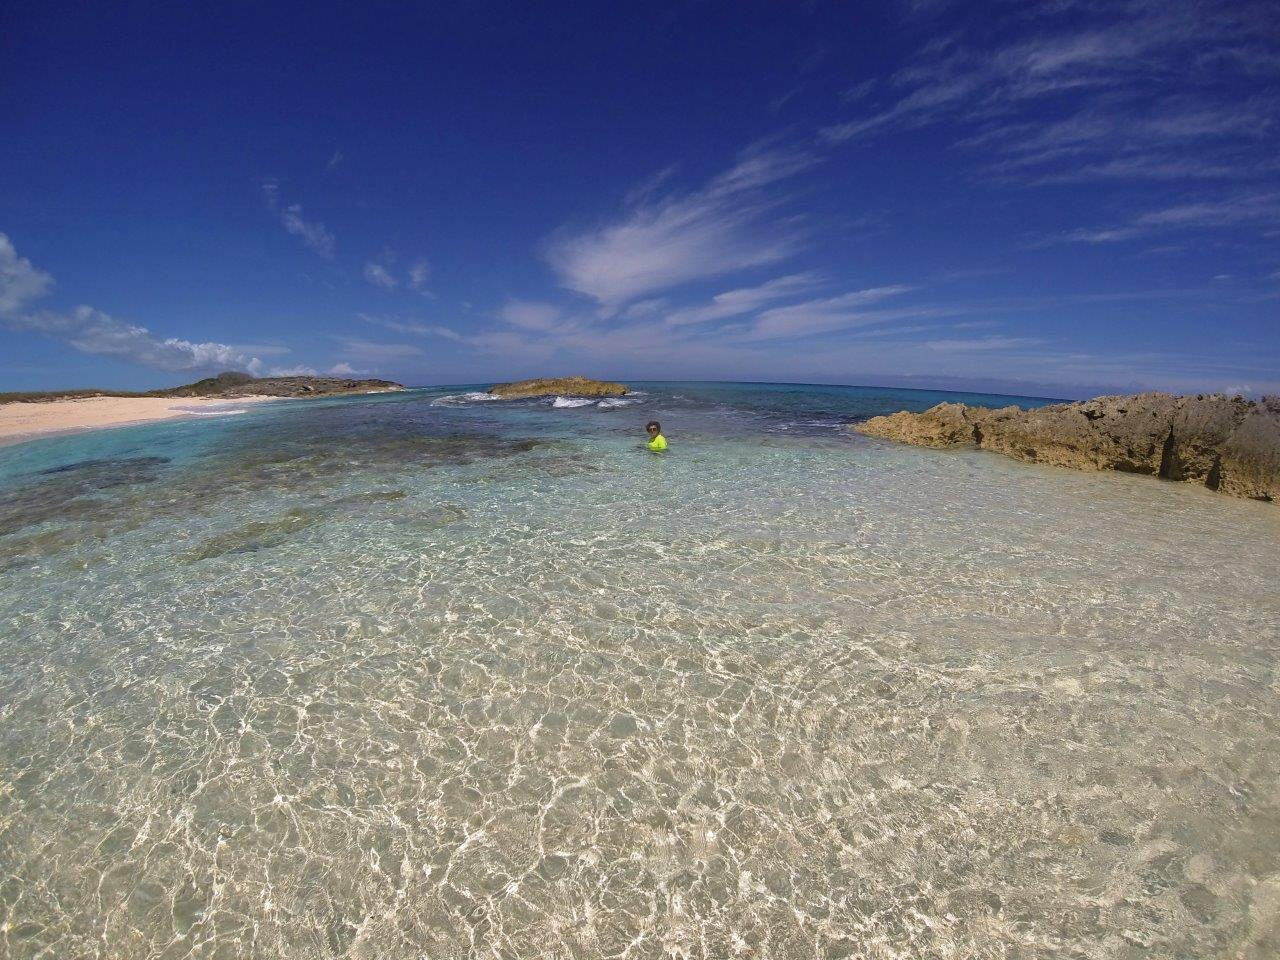 John-Michael taking a dip in Exuma Sound